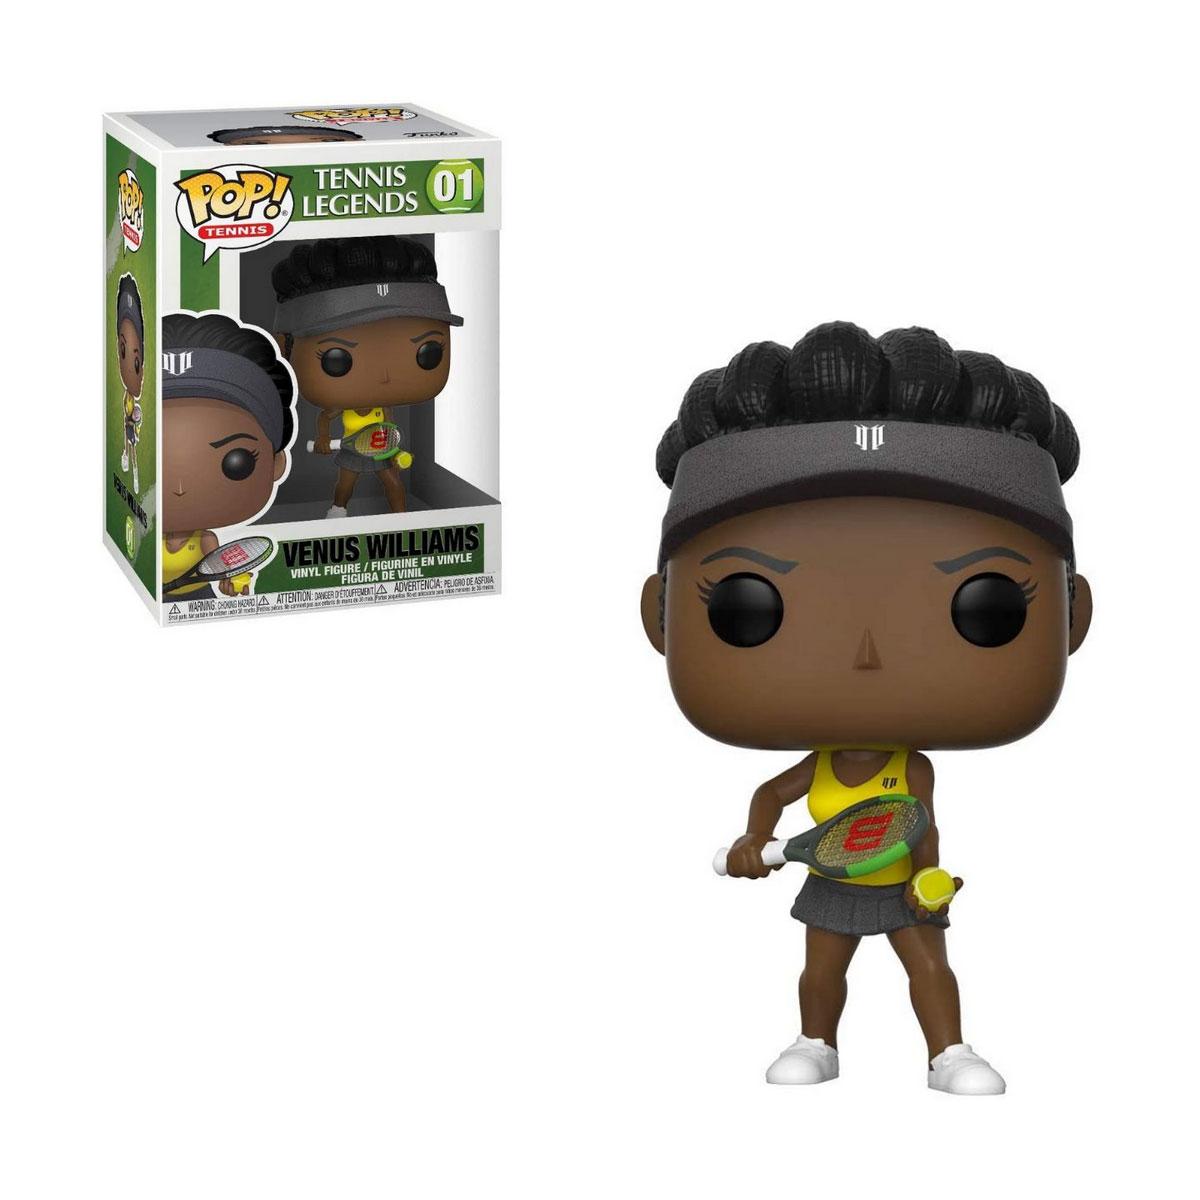 Funko Pop Tennis Legends Venus Williams 01